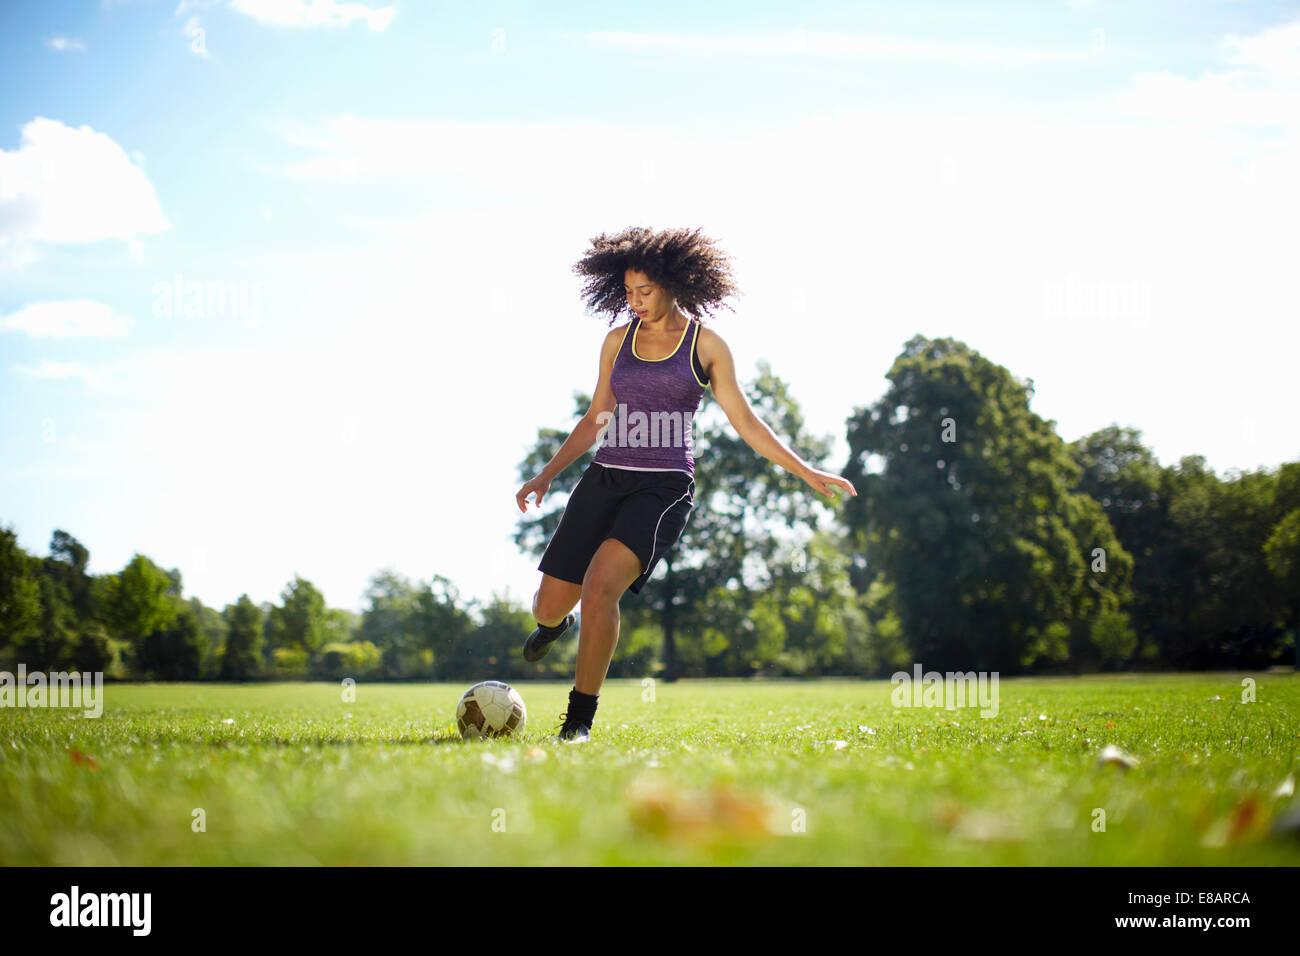 Mujer joven pateando una pelota de fútbol en el parque Foto de stock